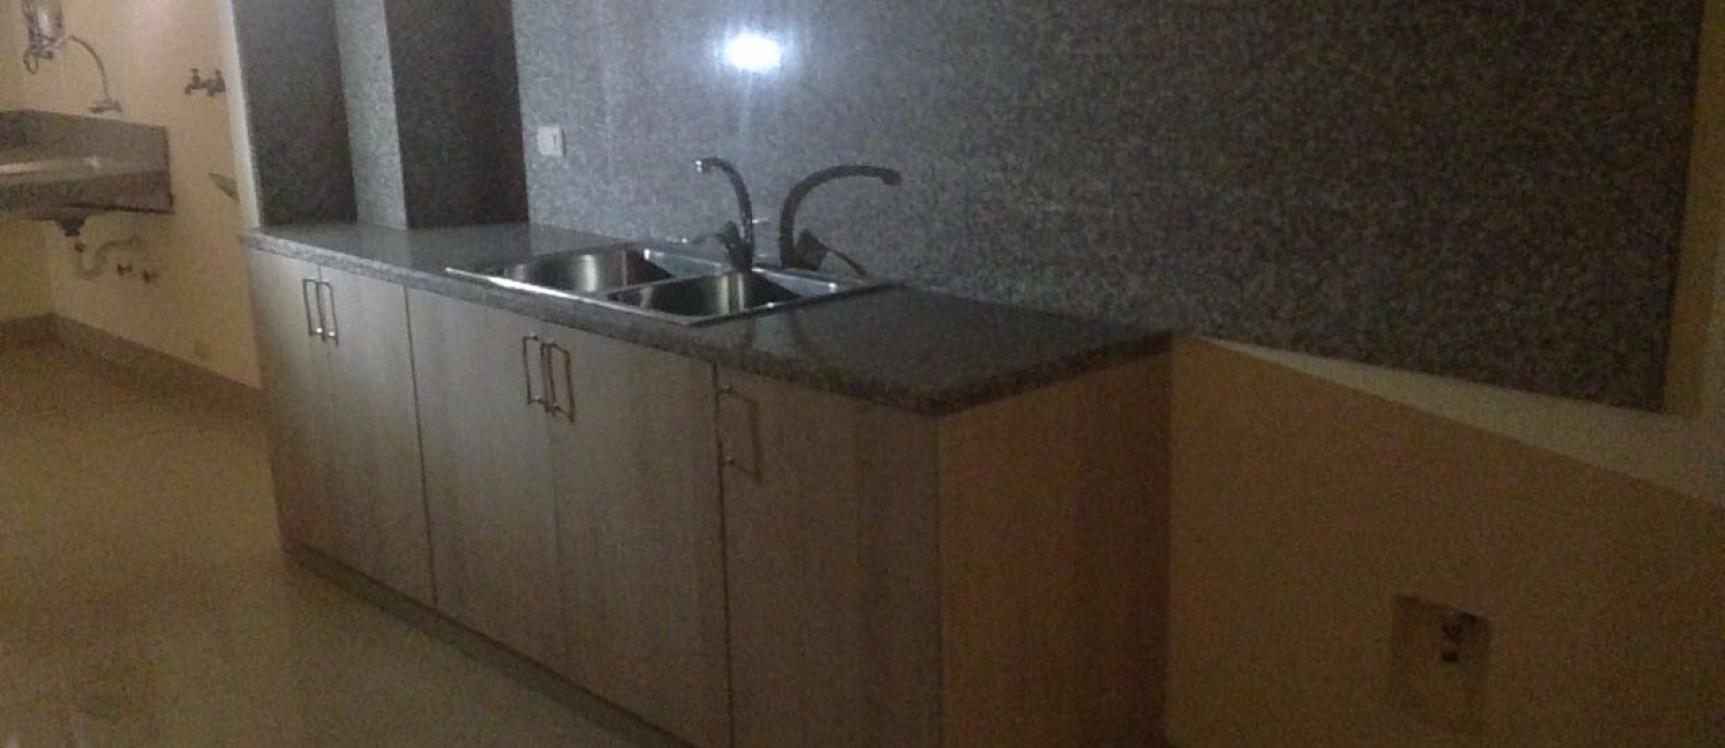 GeoBienes - Vendo Lujoso departamento por estrenar en Samborondón - Plusvalia Guayaquil Casas de venta y alquiler Inmobiliaria Ecuador